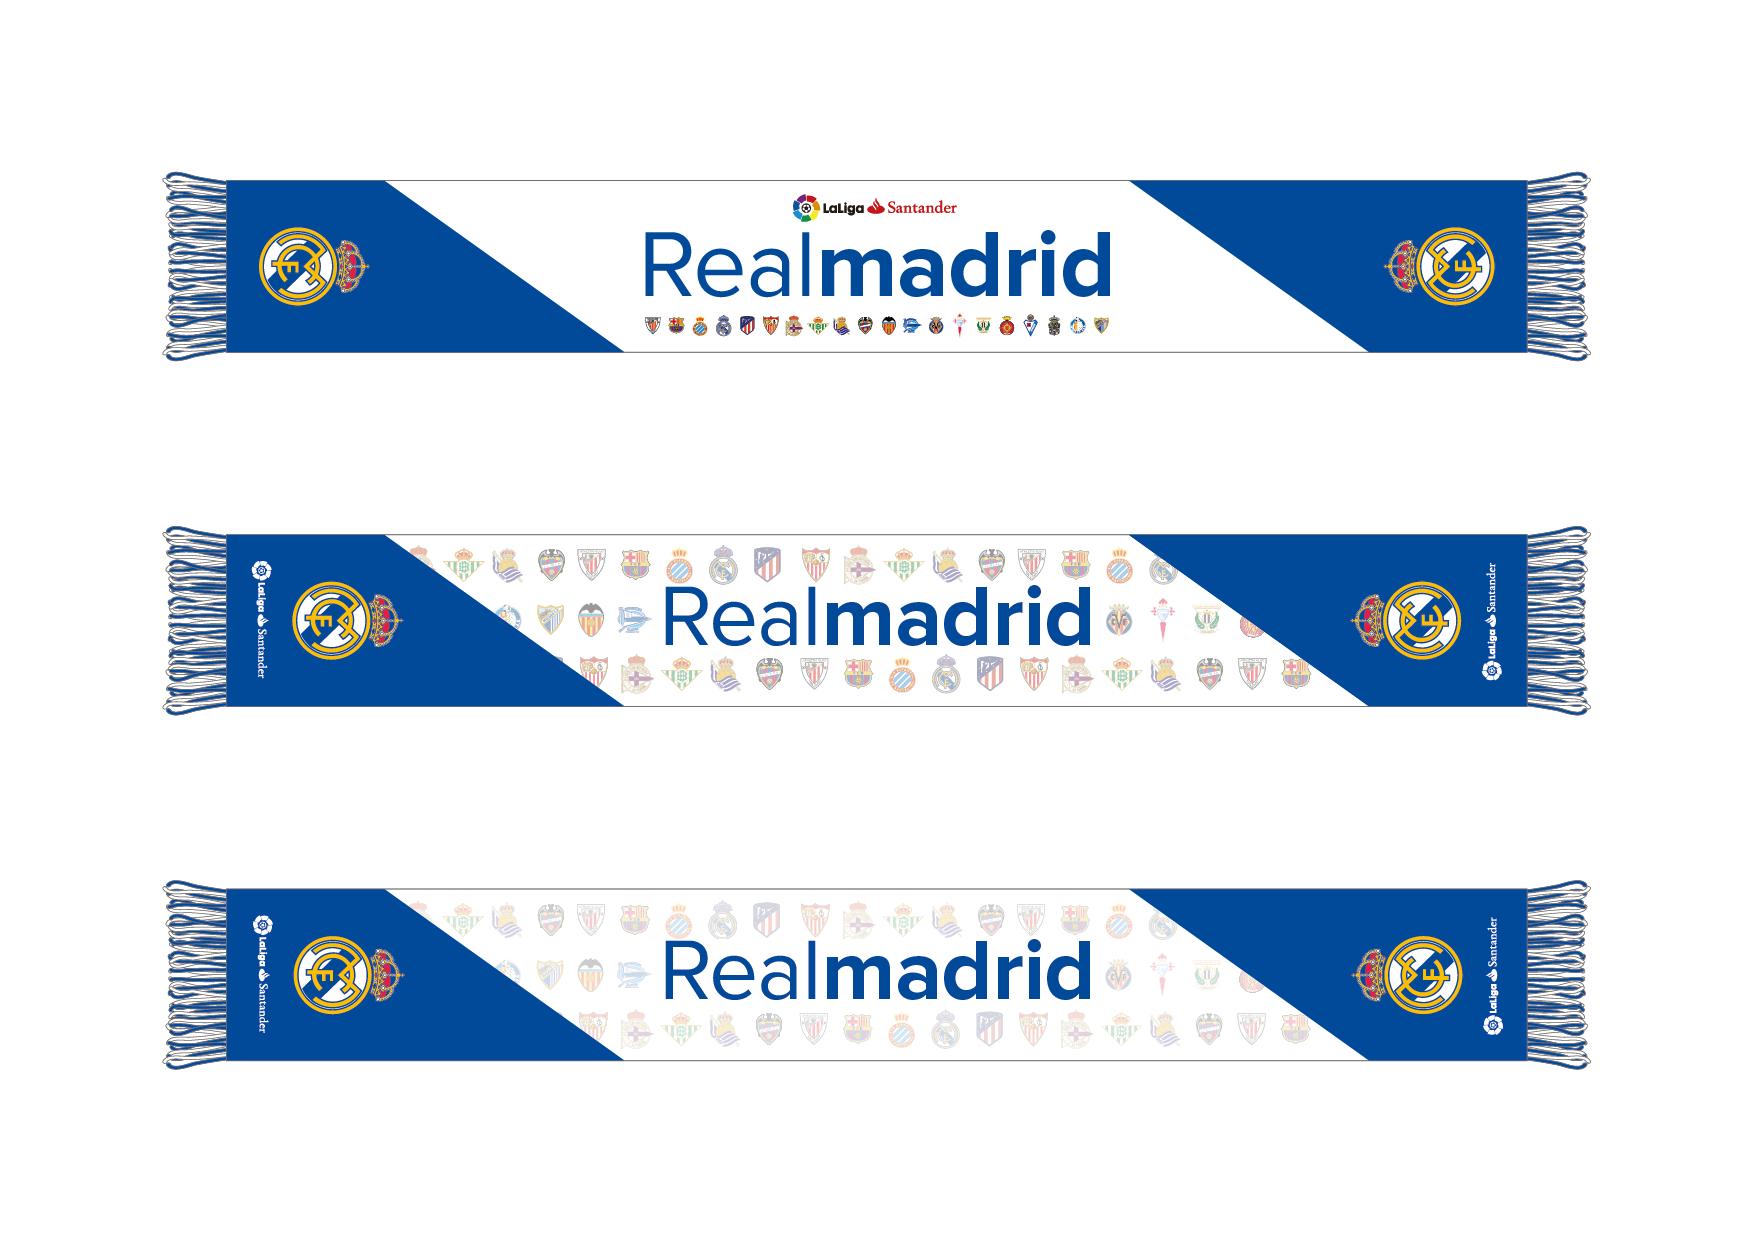 Bufandas_LaLigaSantander_RealMadrid_v01-01